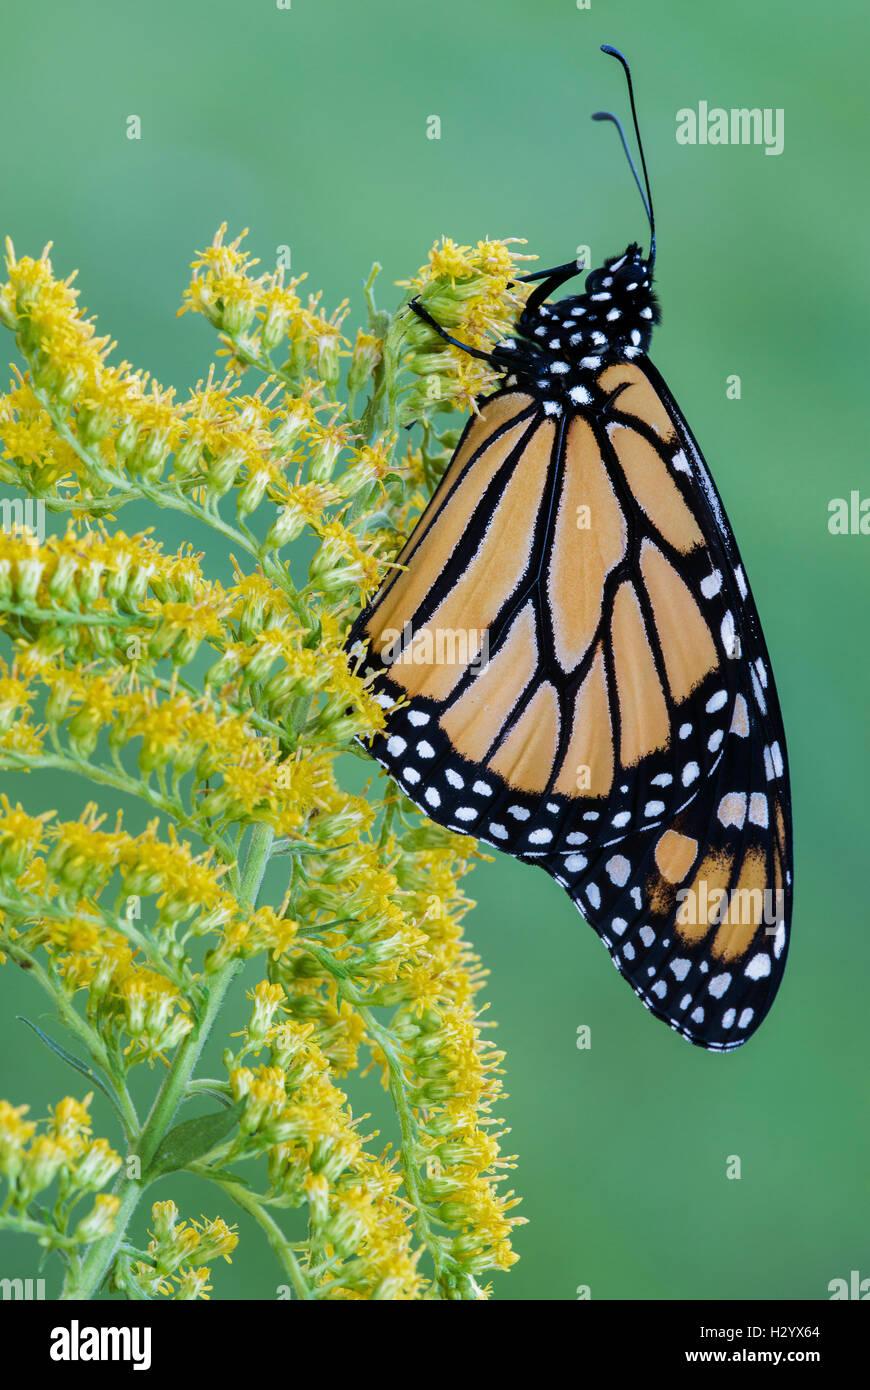 Mariposa monarca (Danaus plexippus) en Goldenrod Solidago (SPS), a finales de verano, principios de otoño, E EE.UU., Foto de stock